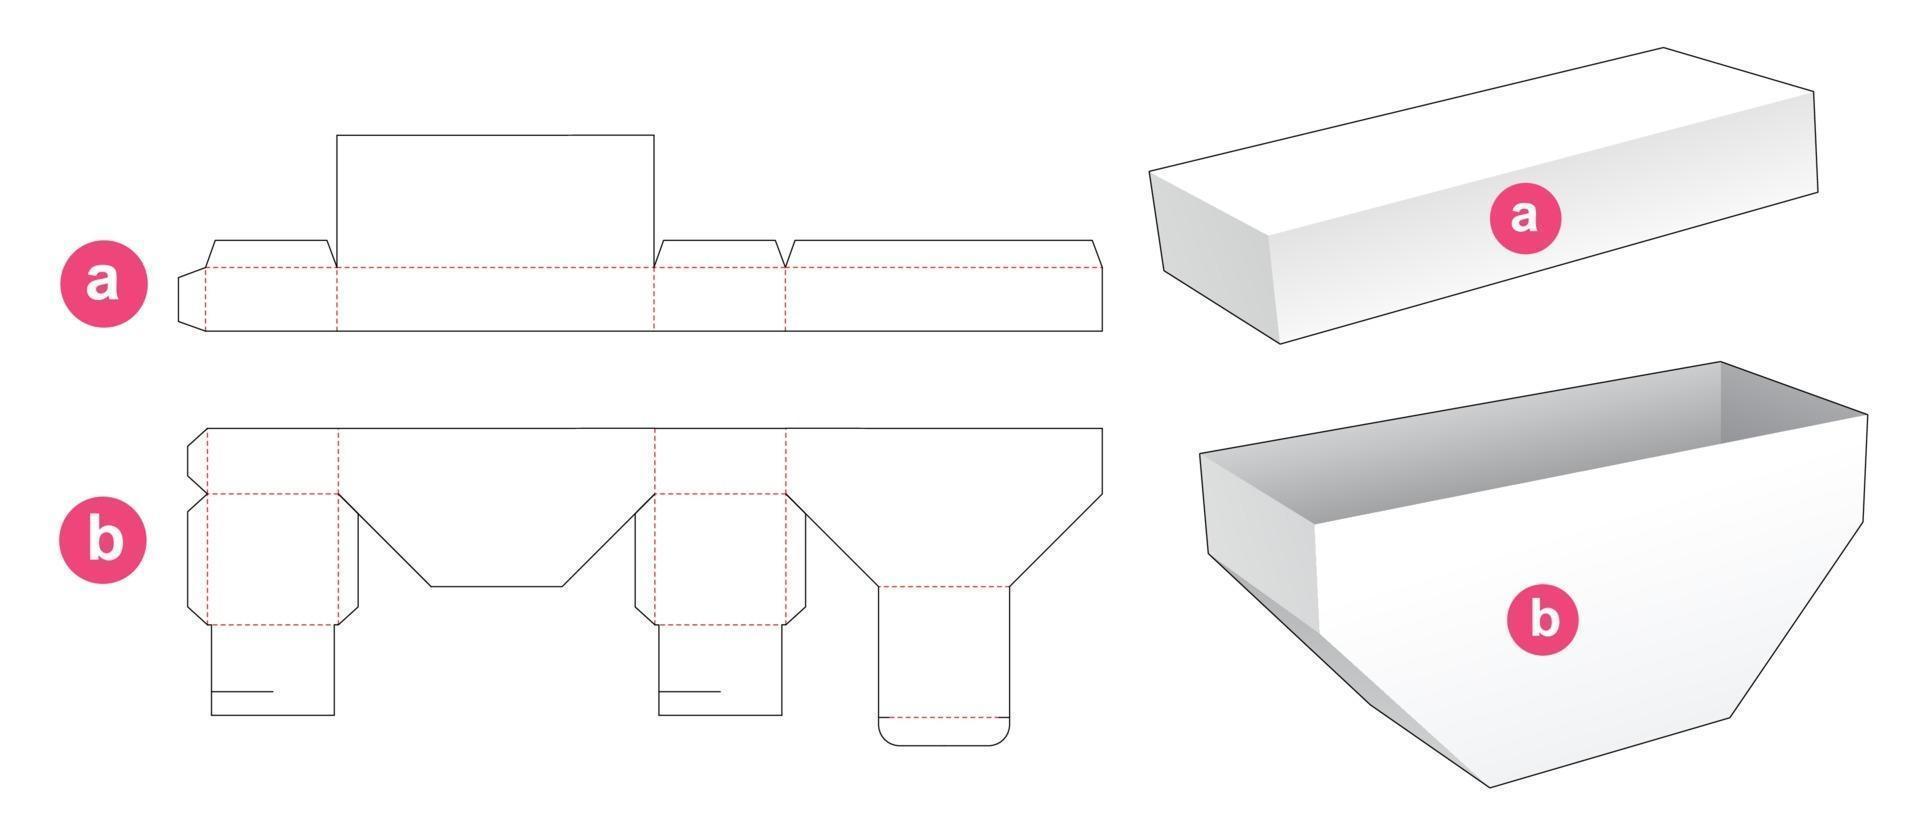 onderzijde afgeschuinde doos met deksel gestanst sjabloon vector